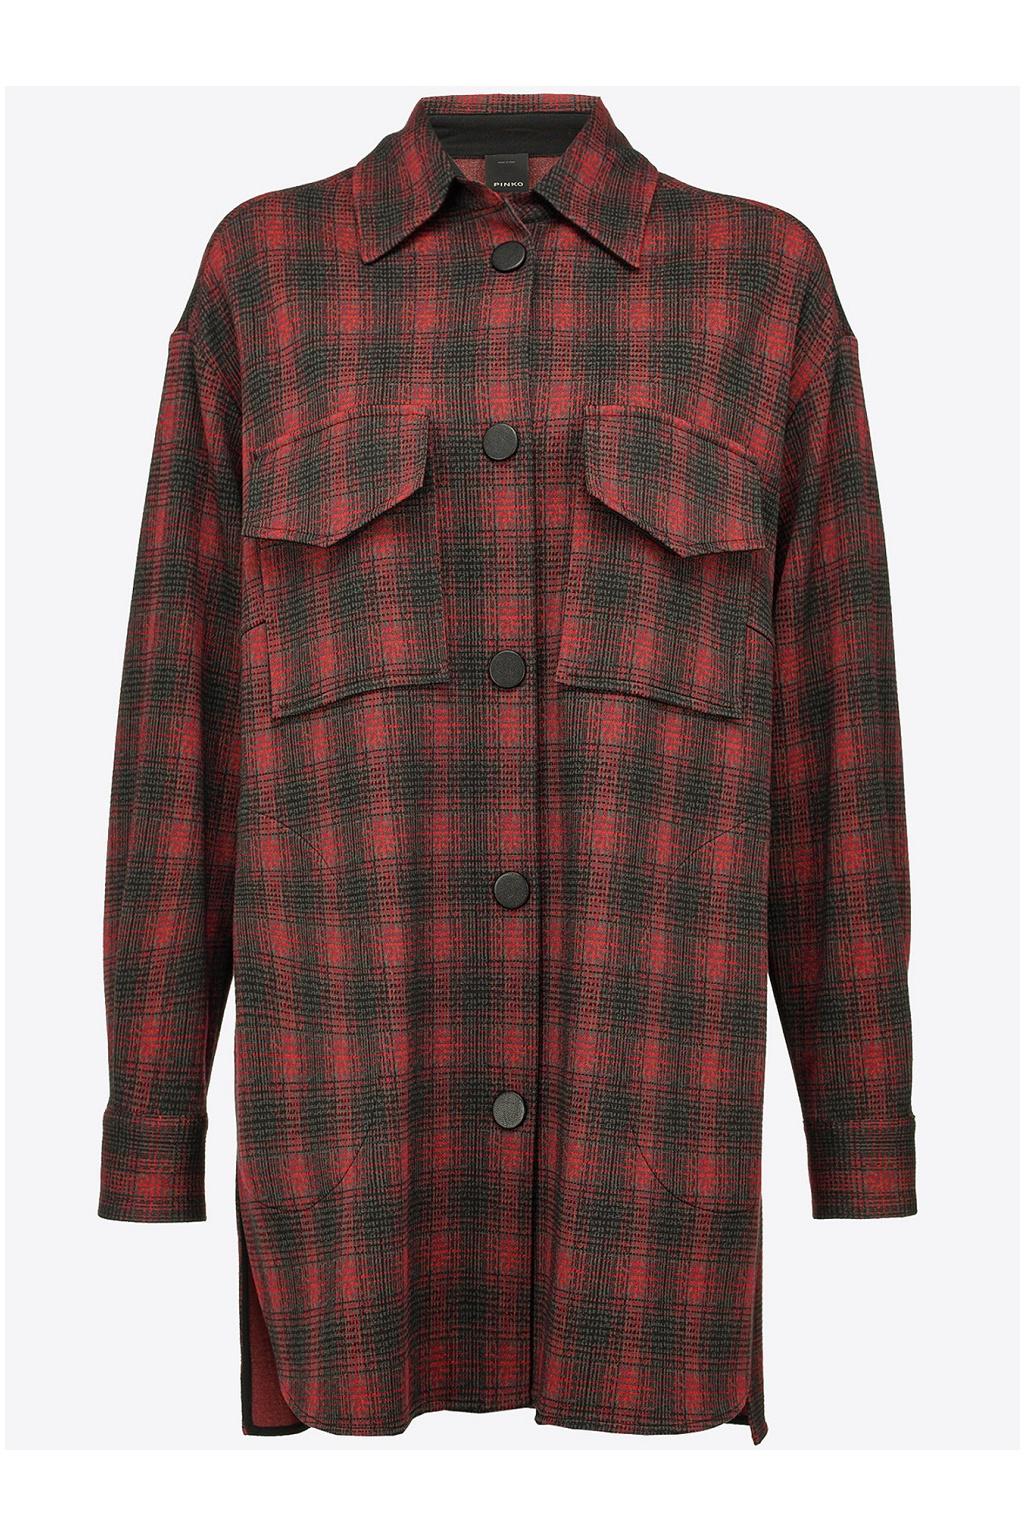 Dámská košile Pinko Max 2shirt červená